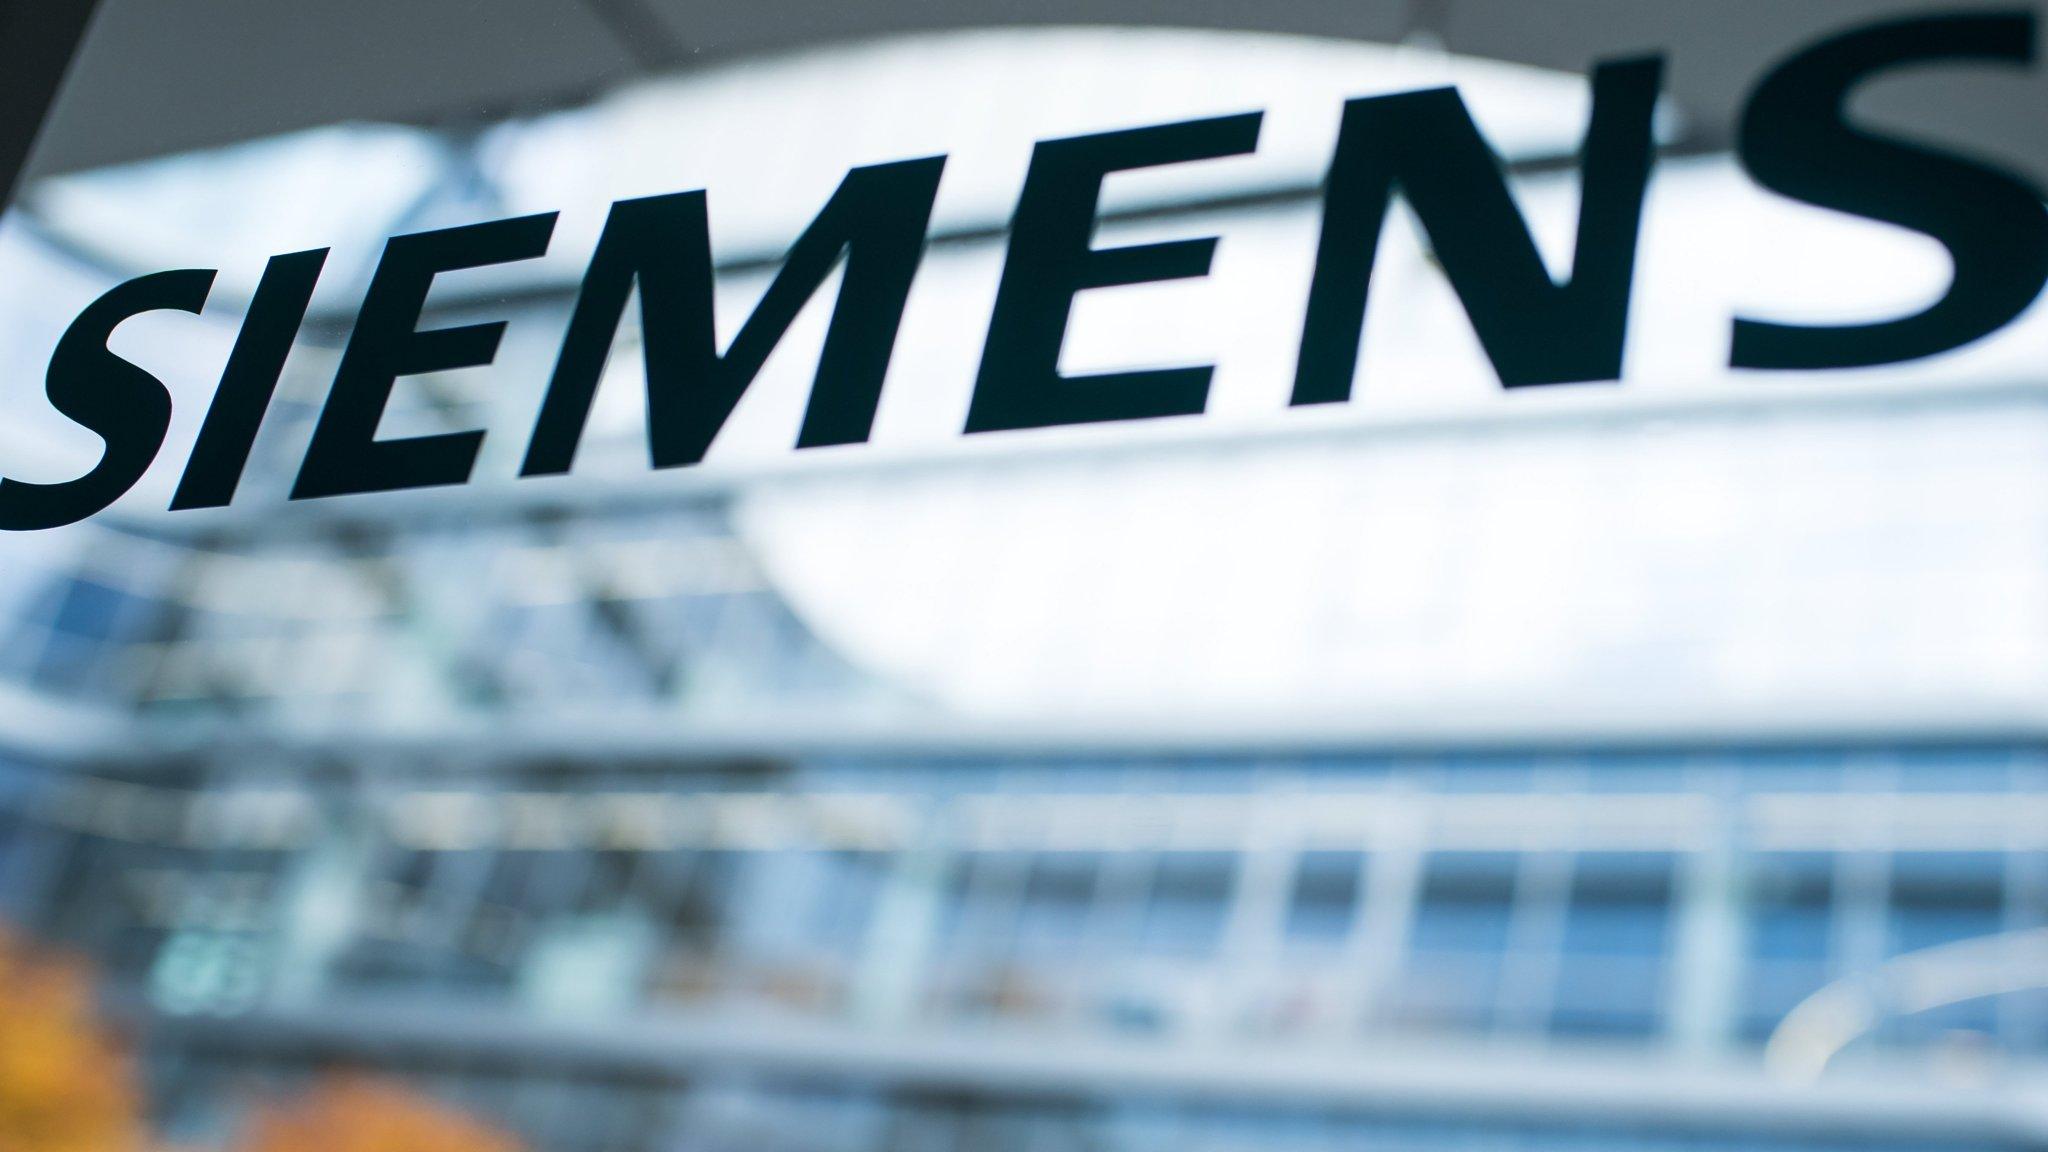 Siemens предупредила о DoS-уязвимостях в ряде промышленных продуктов